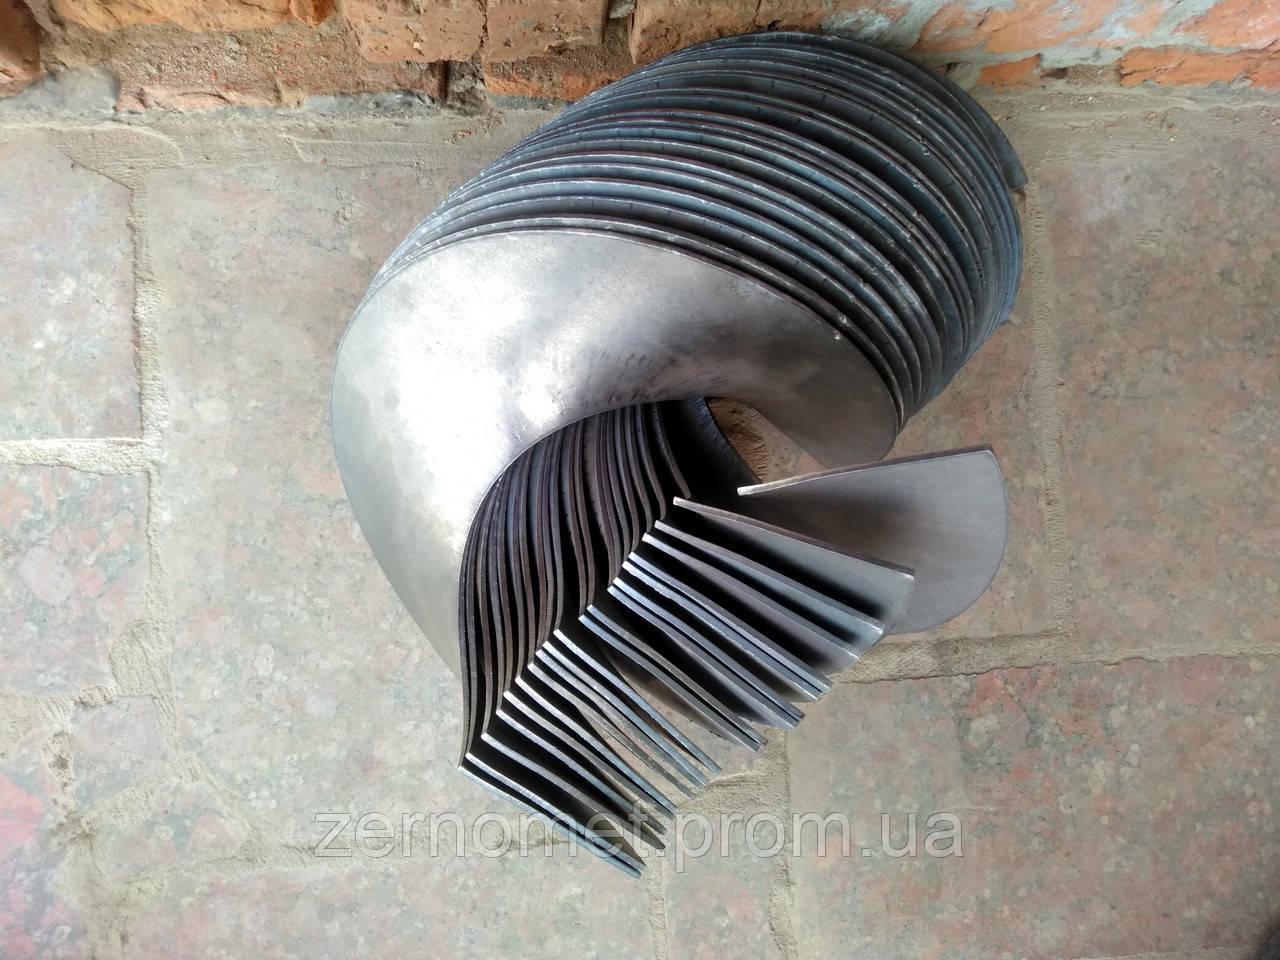 Виток шнека Про-300 товщина 3мм